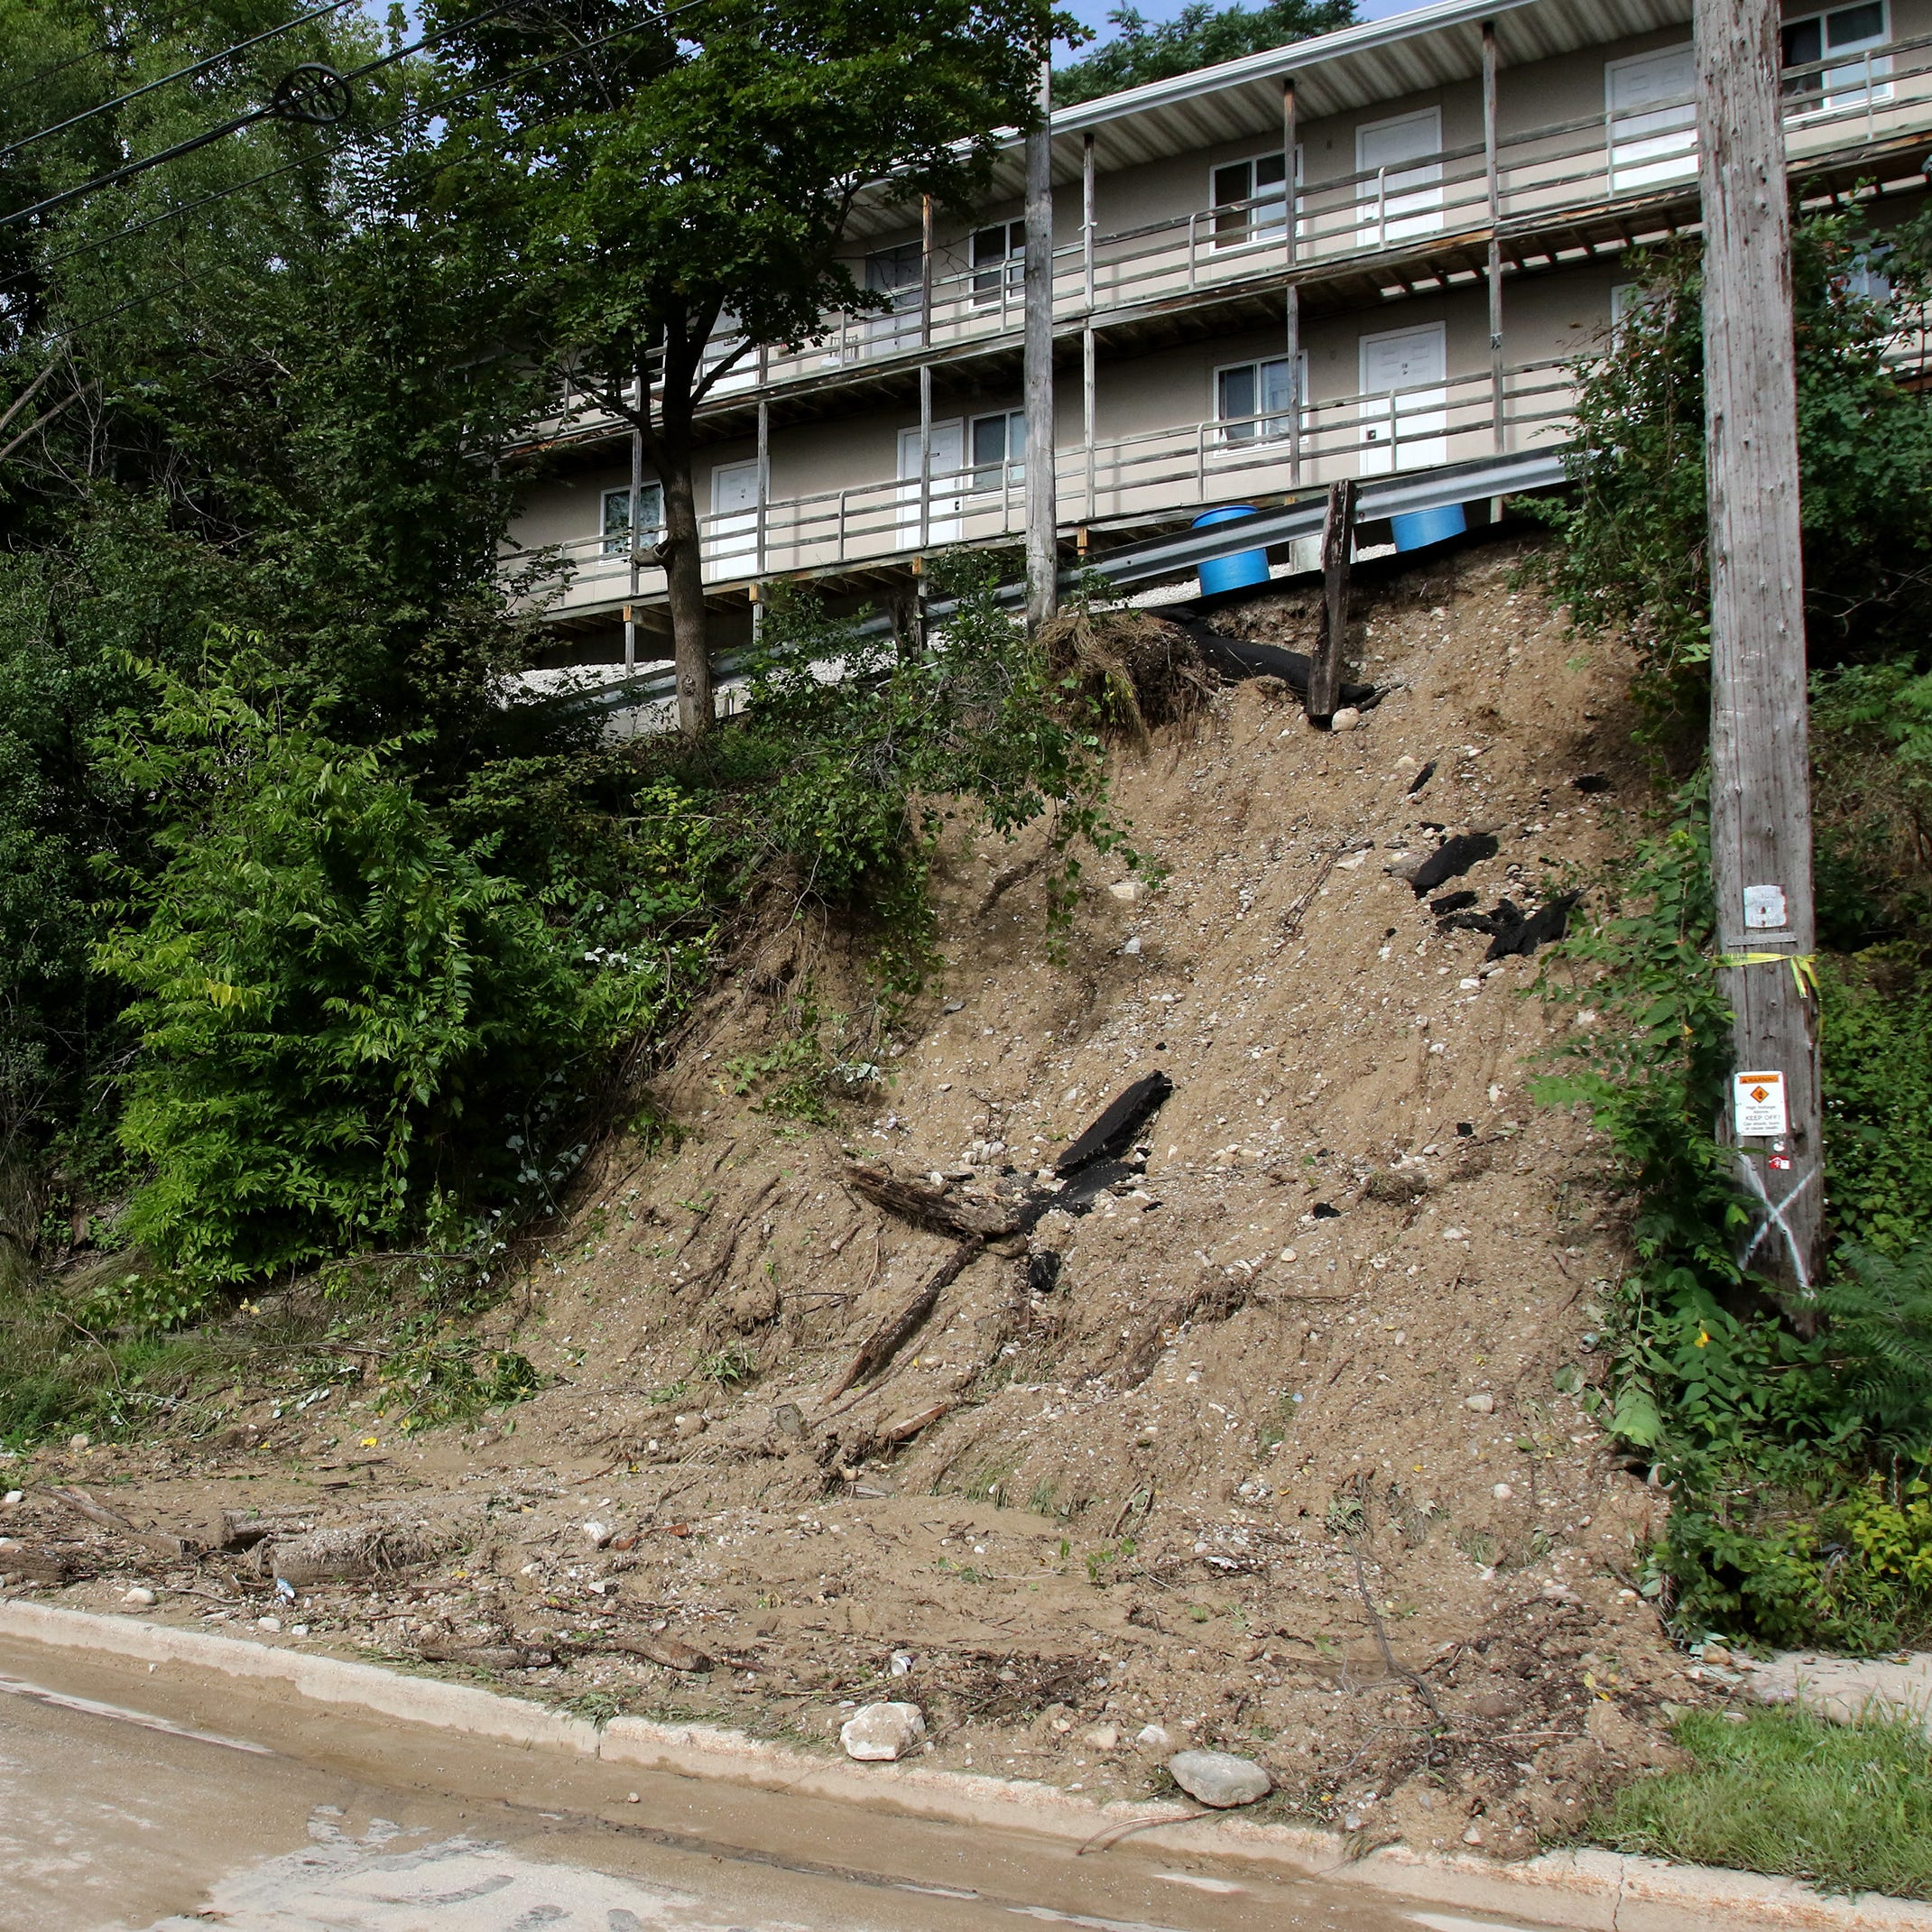 Heavy rains bring mudslide, flooding to Waukesha